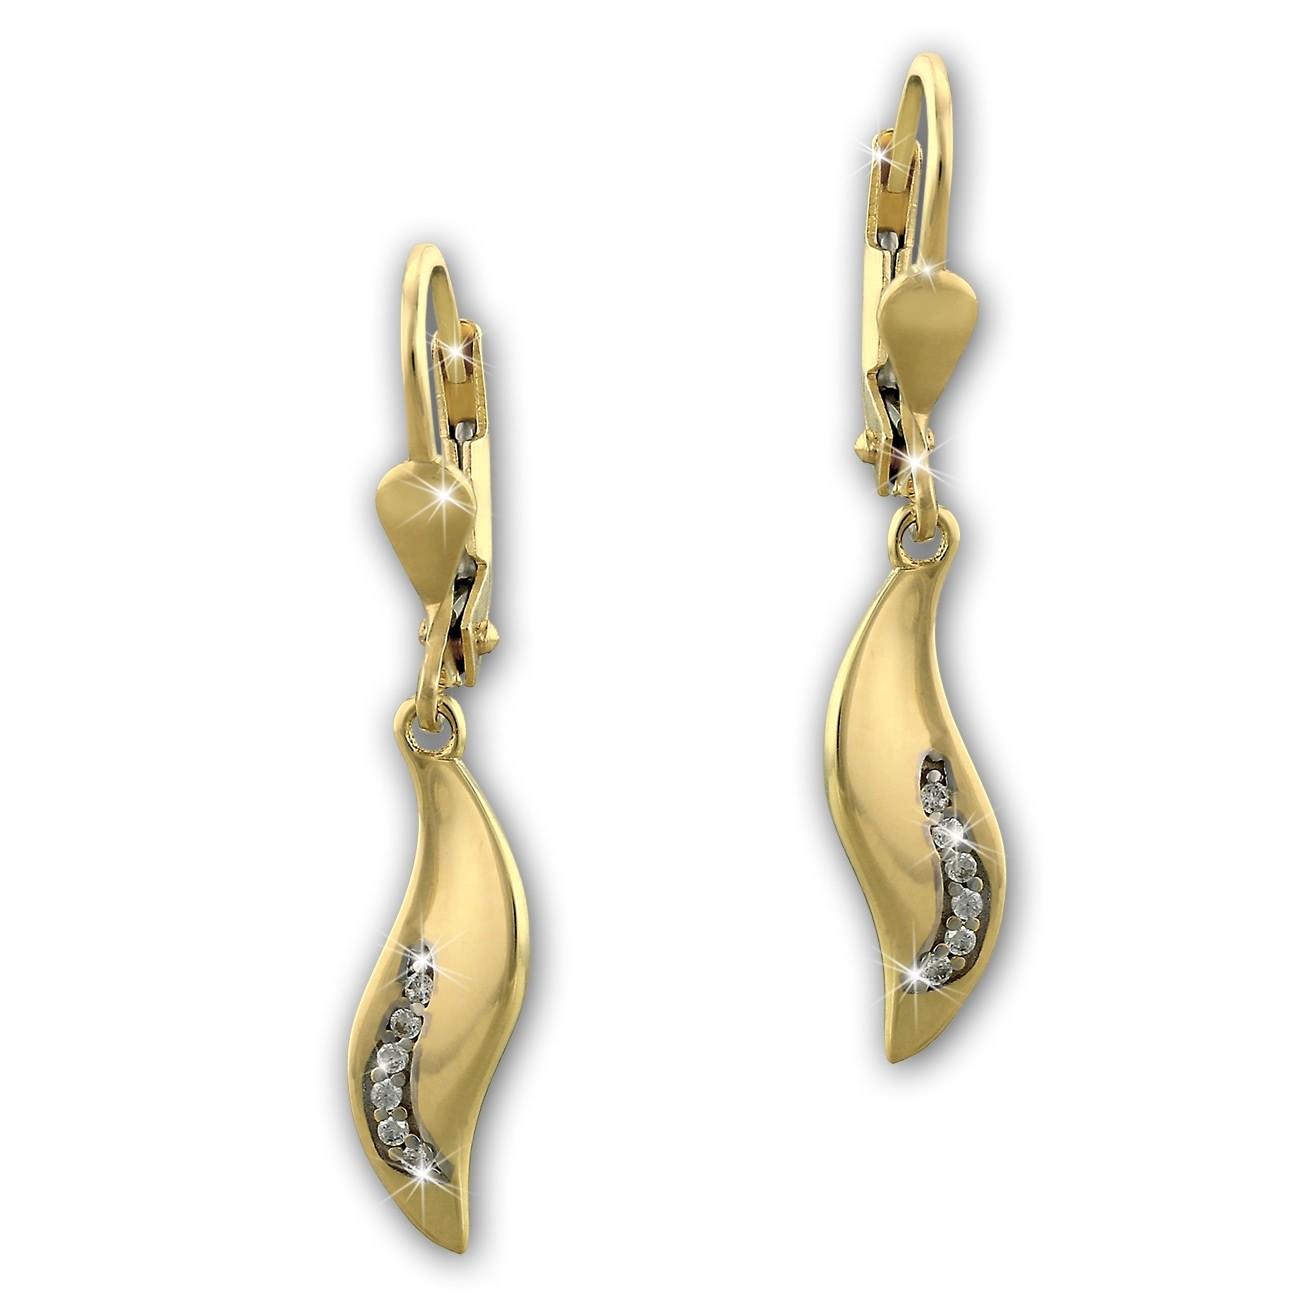 SilberDream Ohrhänger Welle Zirkonia weiß Ohrring 333 Gold Echtschmuck GDO5153Y